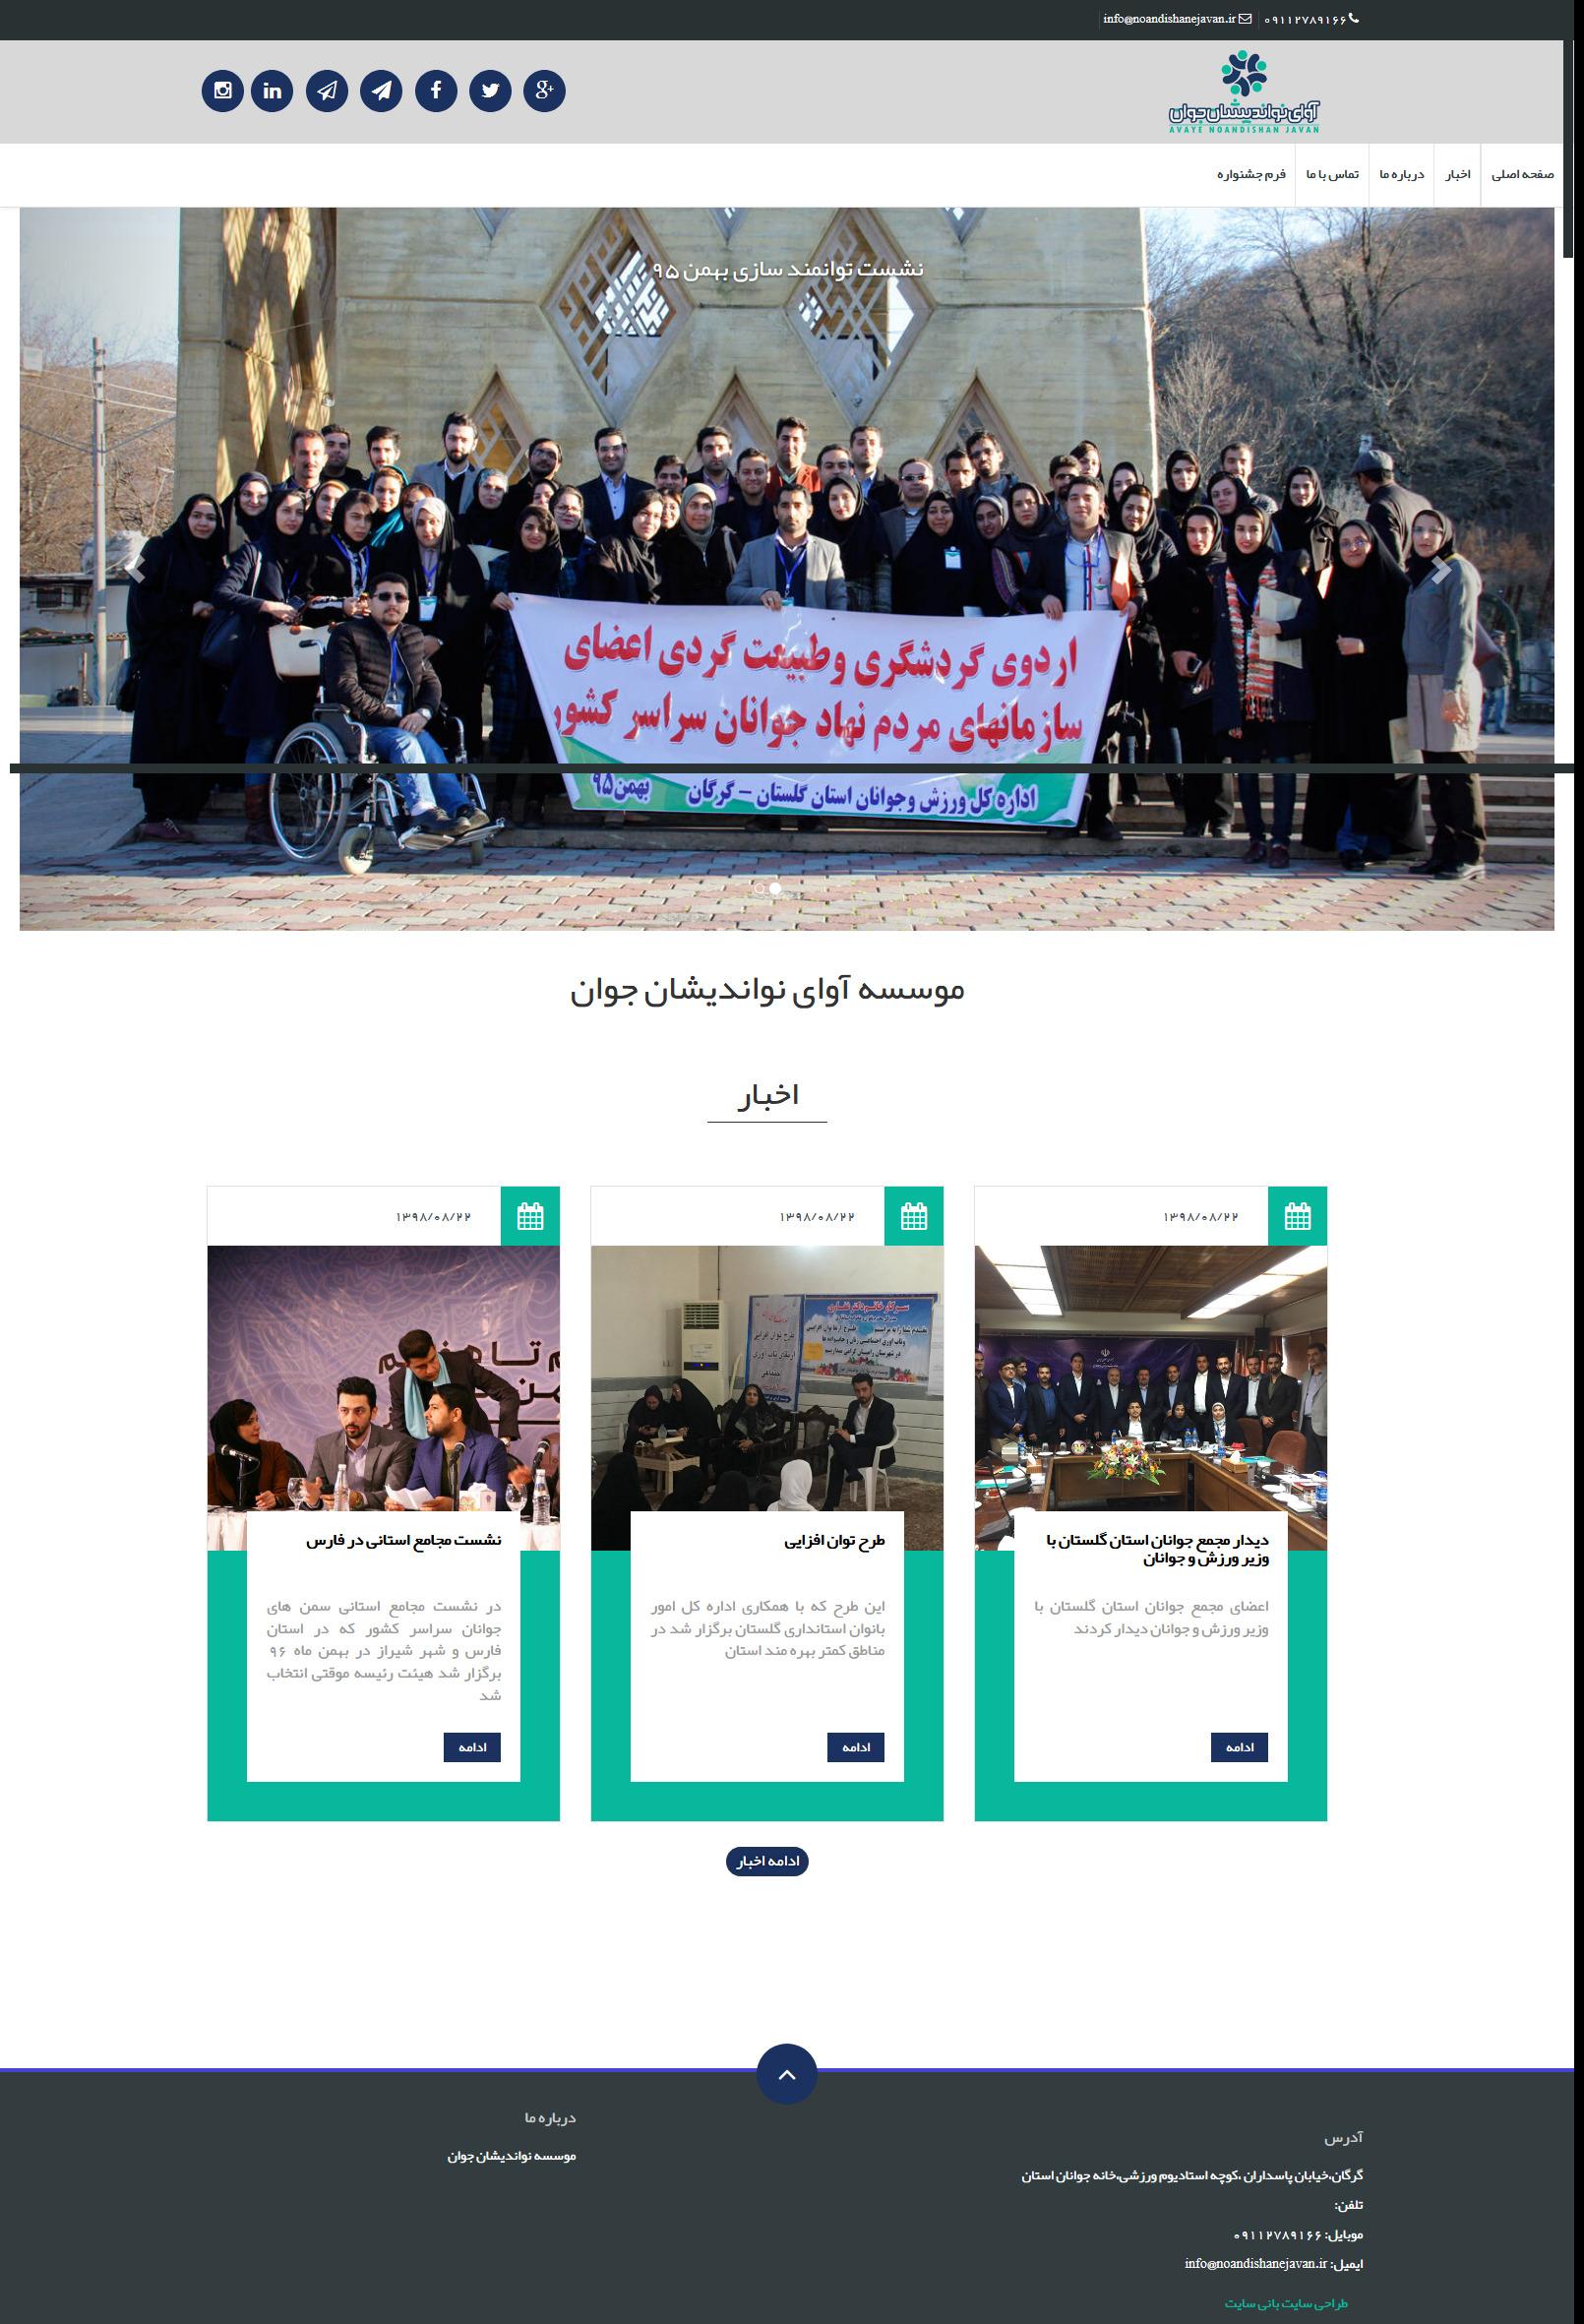 طراحی سایت موسسه نو اندیشان جوان